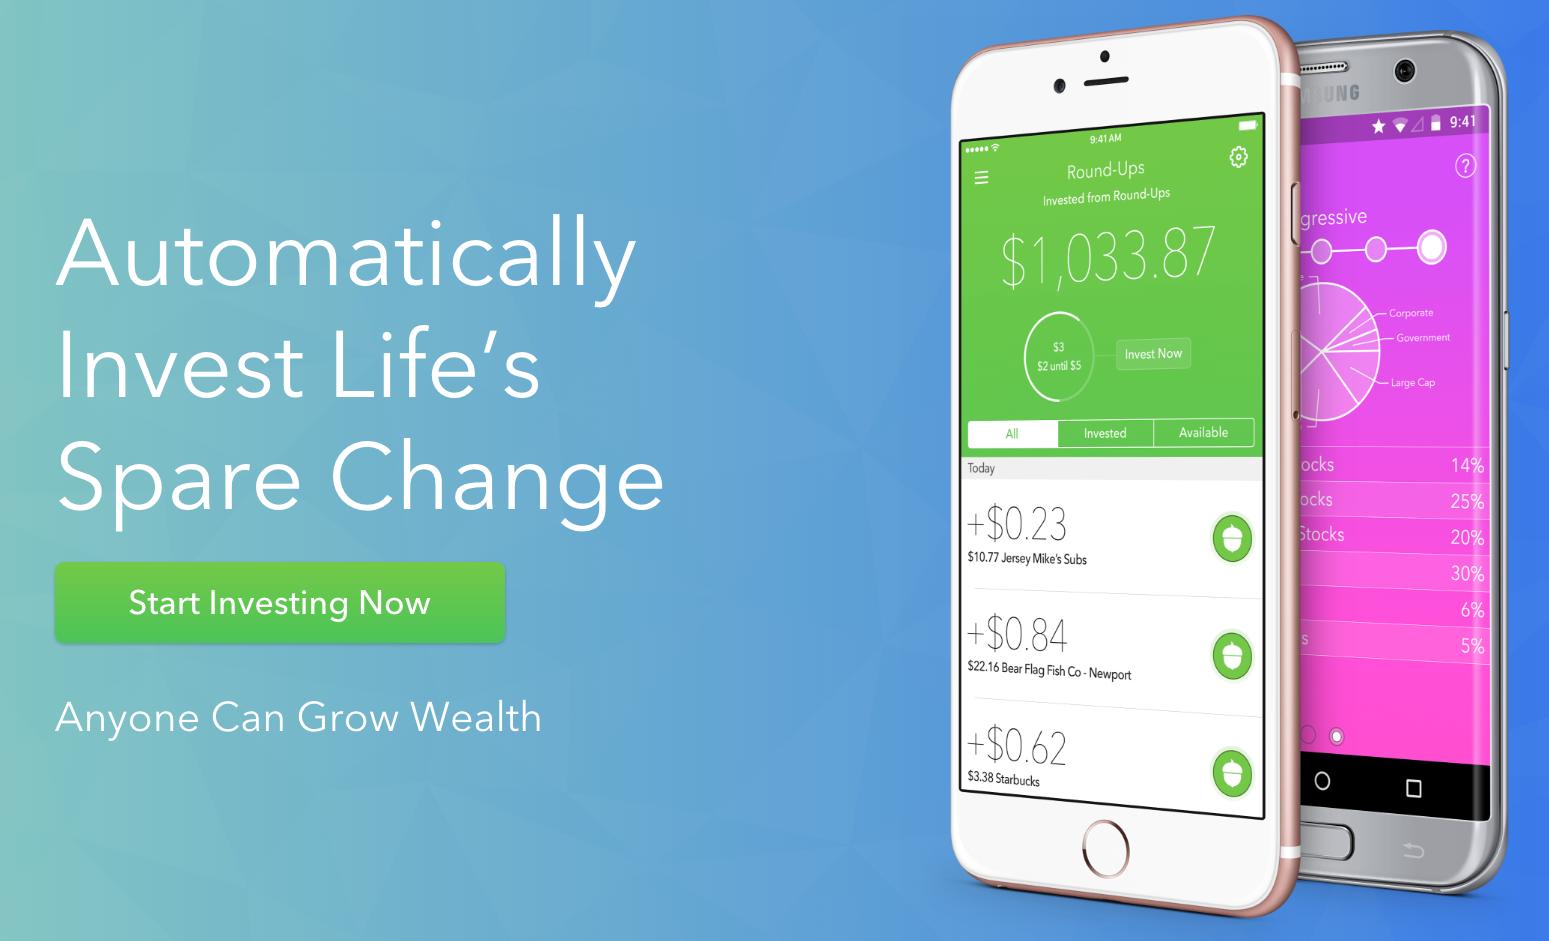 お釣りロボット投資「ロボットアドバイザー」金融アルゴリズムをもっと簡単に 1